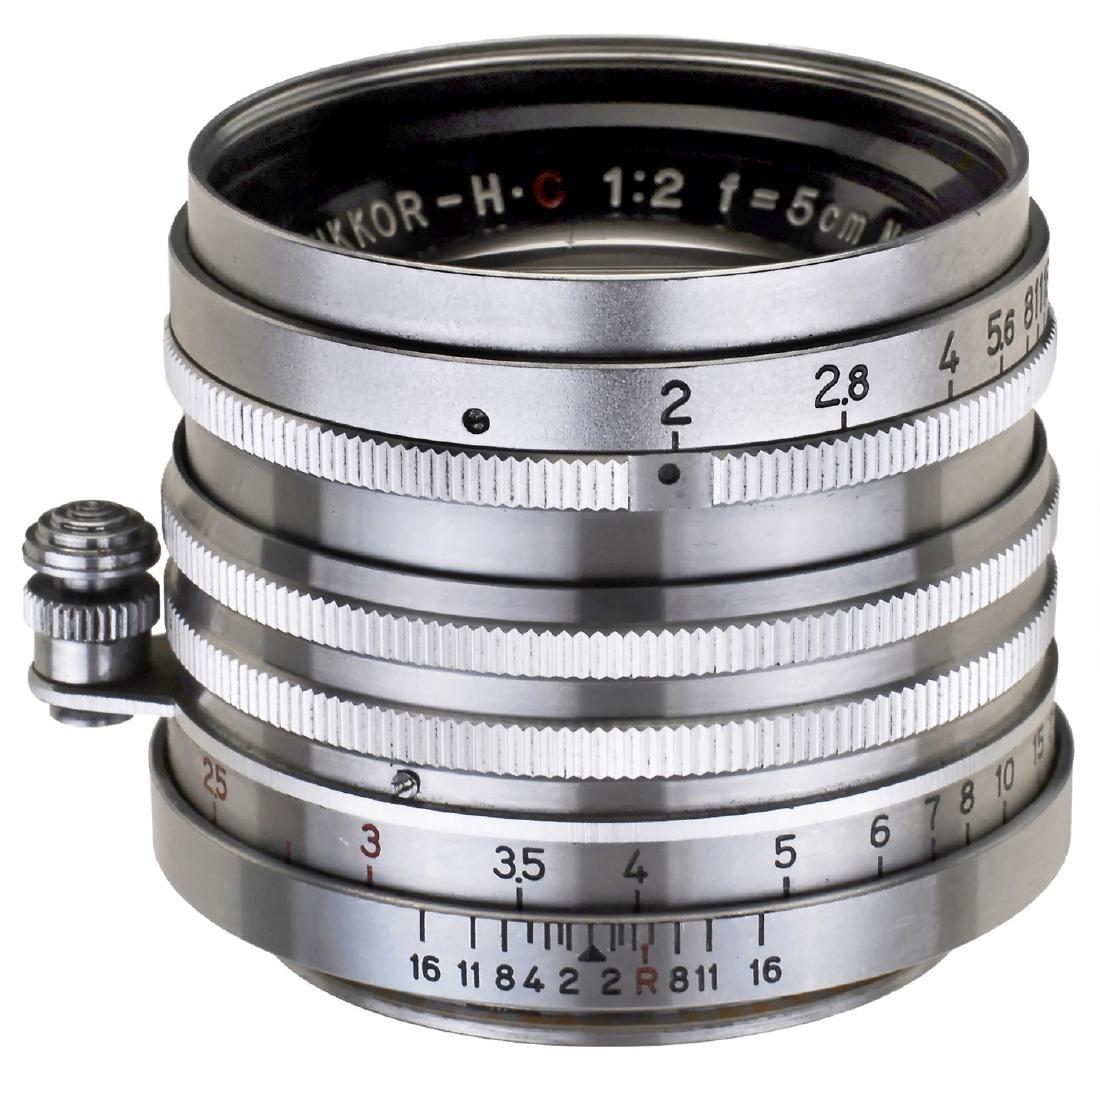 Nikkor-H.C 2/5 cm LTM